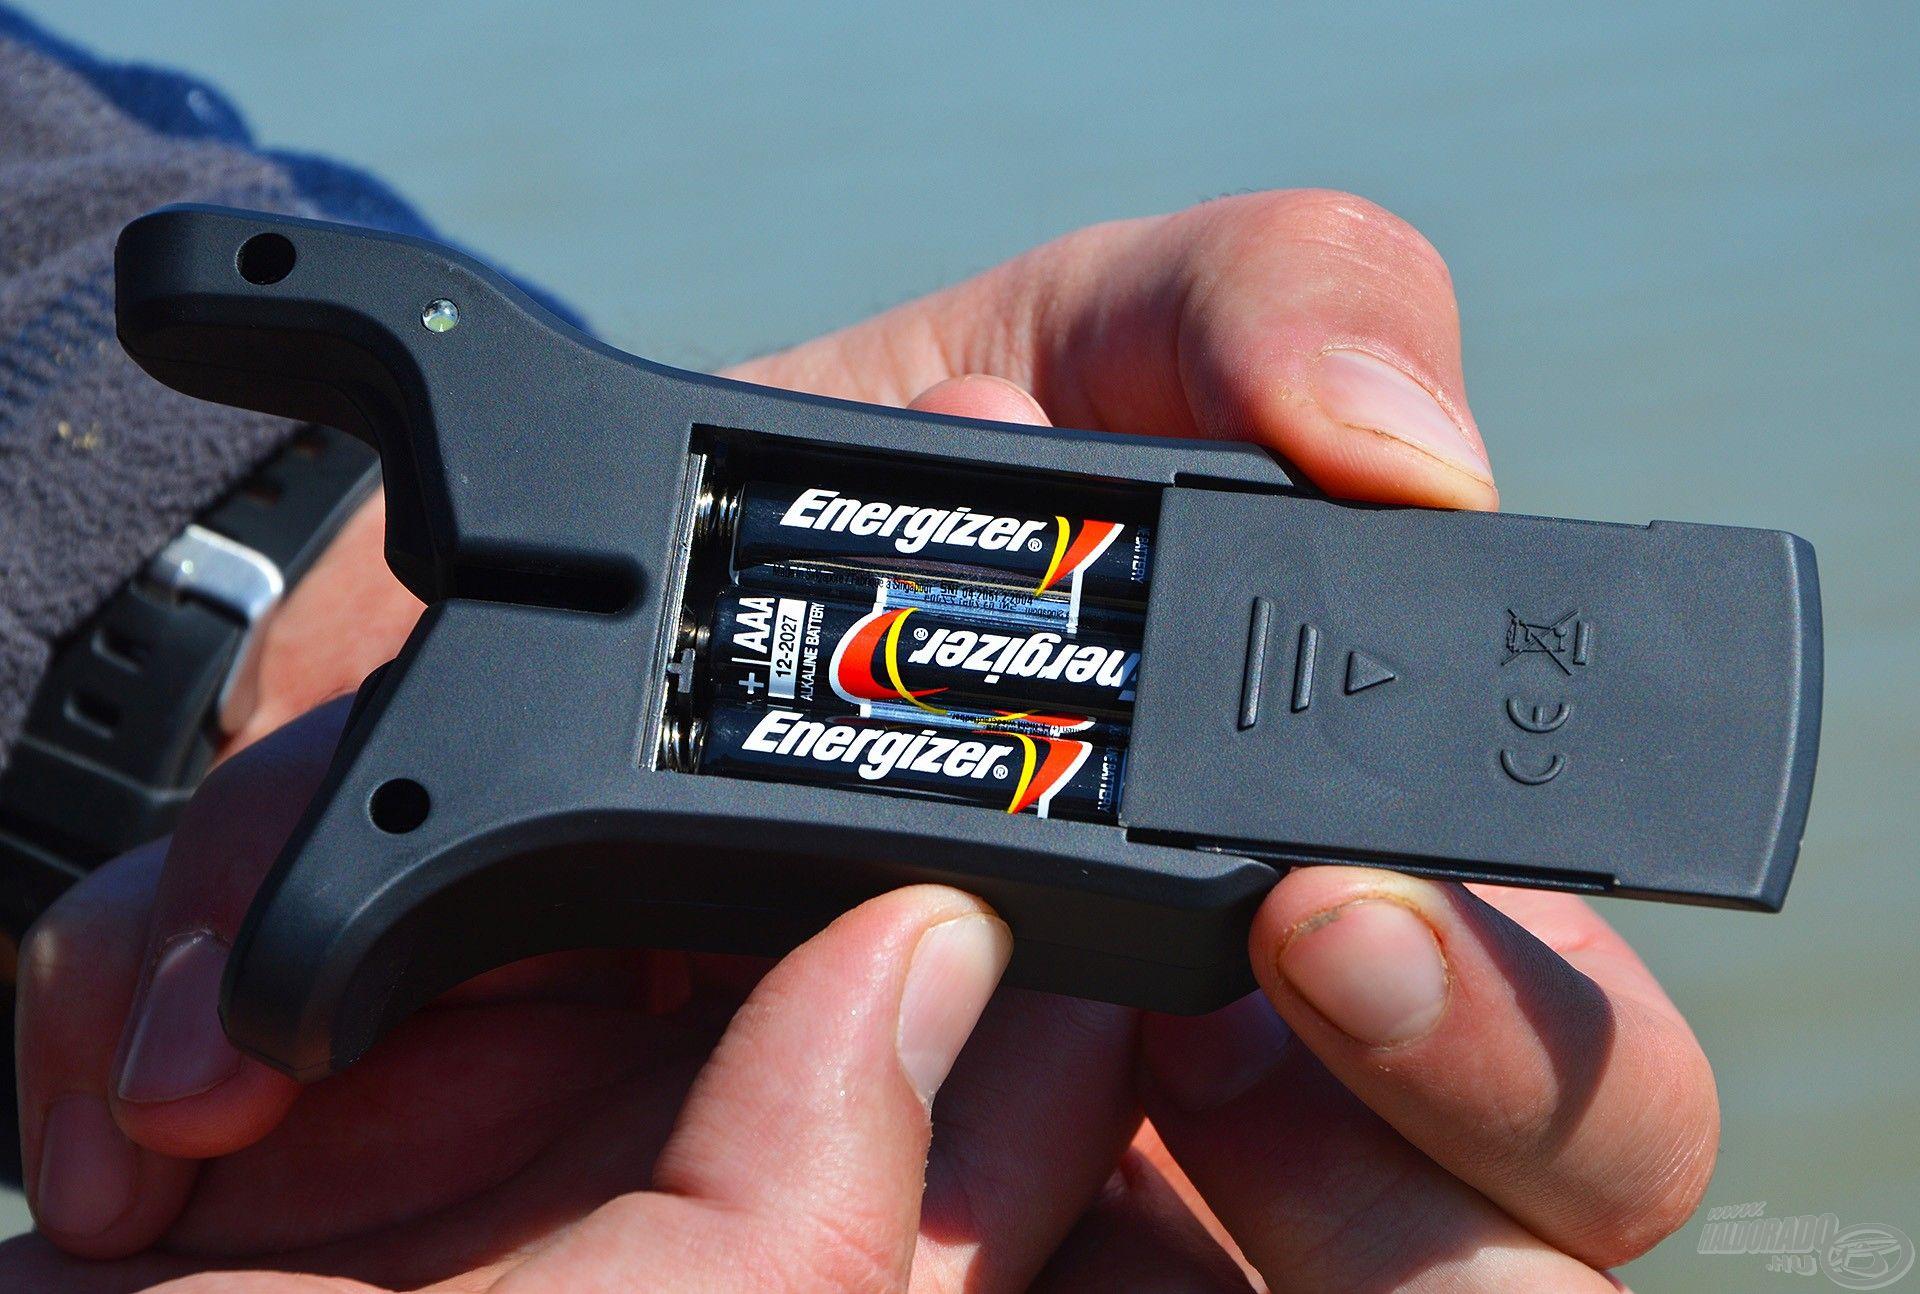 3 db AAA méretű, azaz mini ceruzaelem biztosítja az jelző energiaellátását